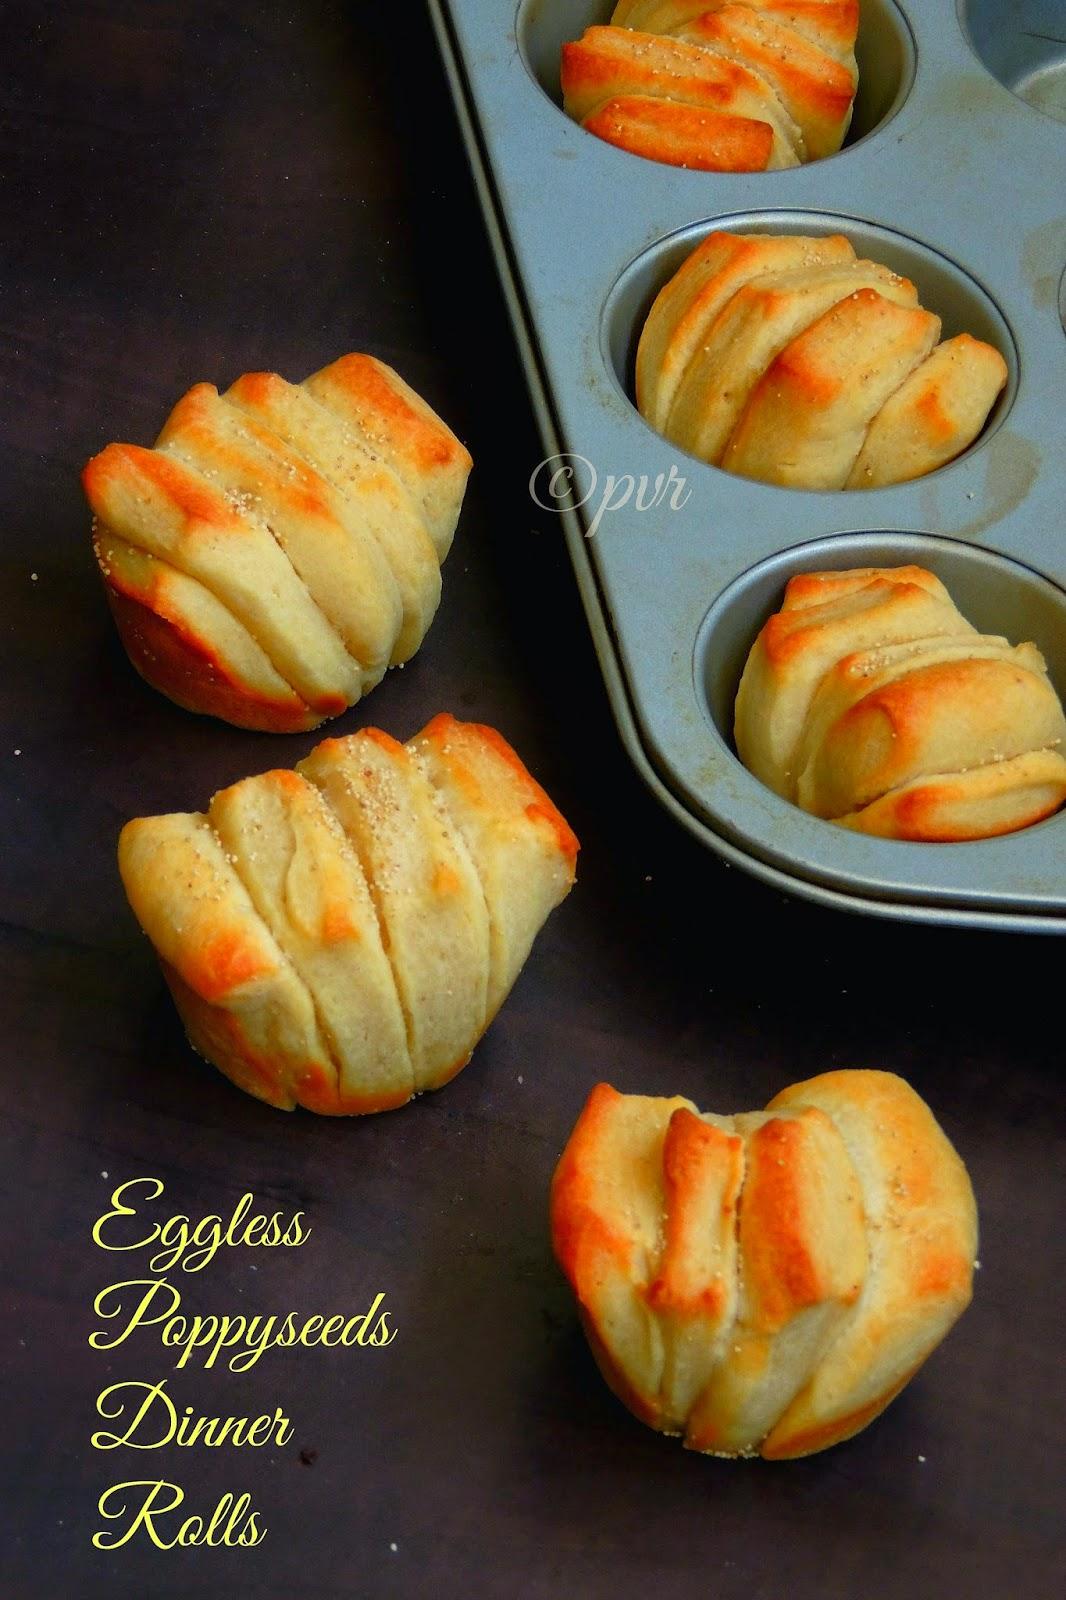 Eggless poppyseeds dinner rolls,Poppyseeds Dinner rolls, Buttery Poppyseeds Dinner rolls